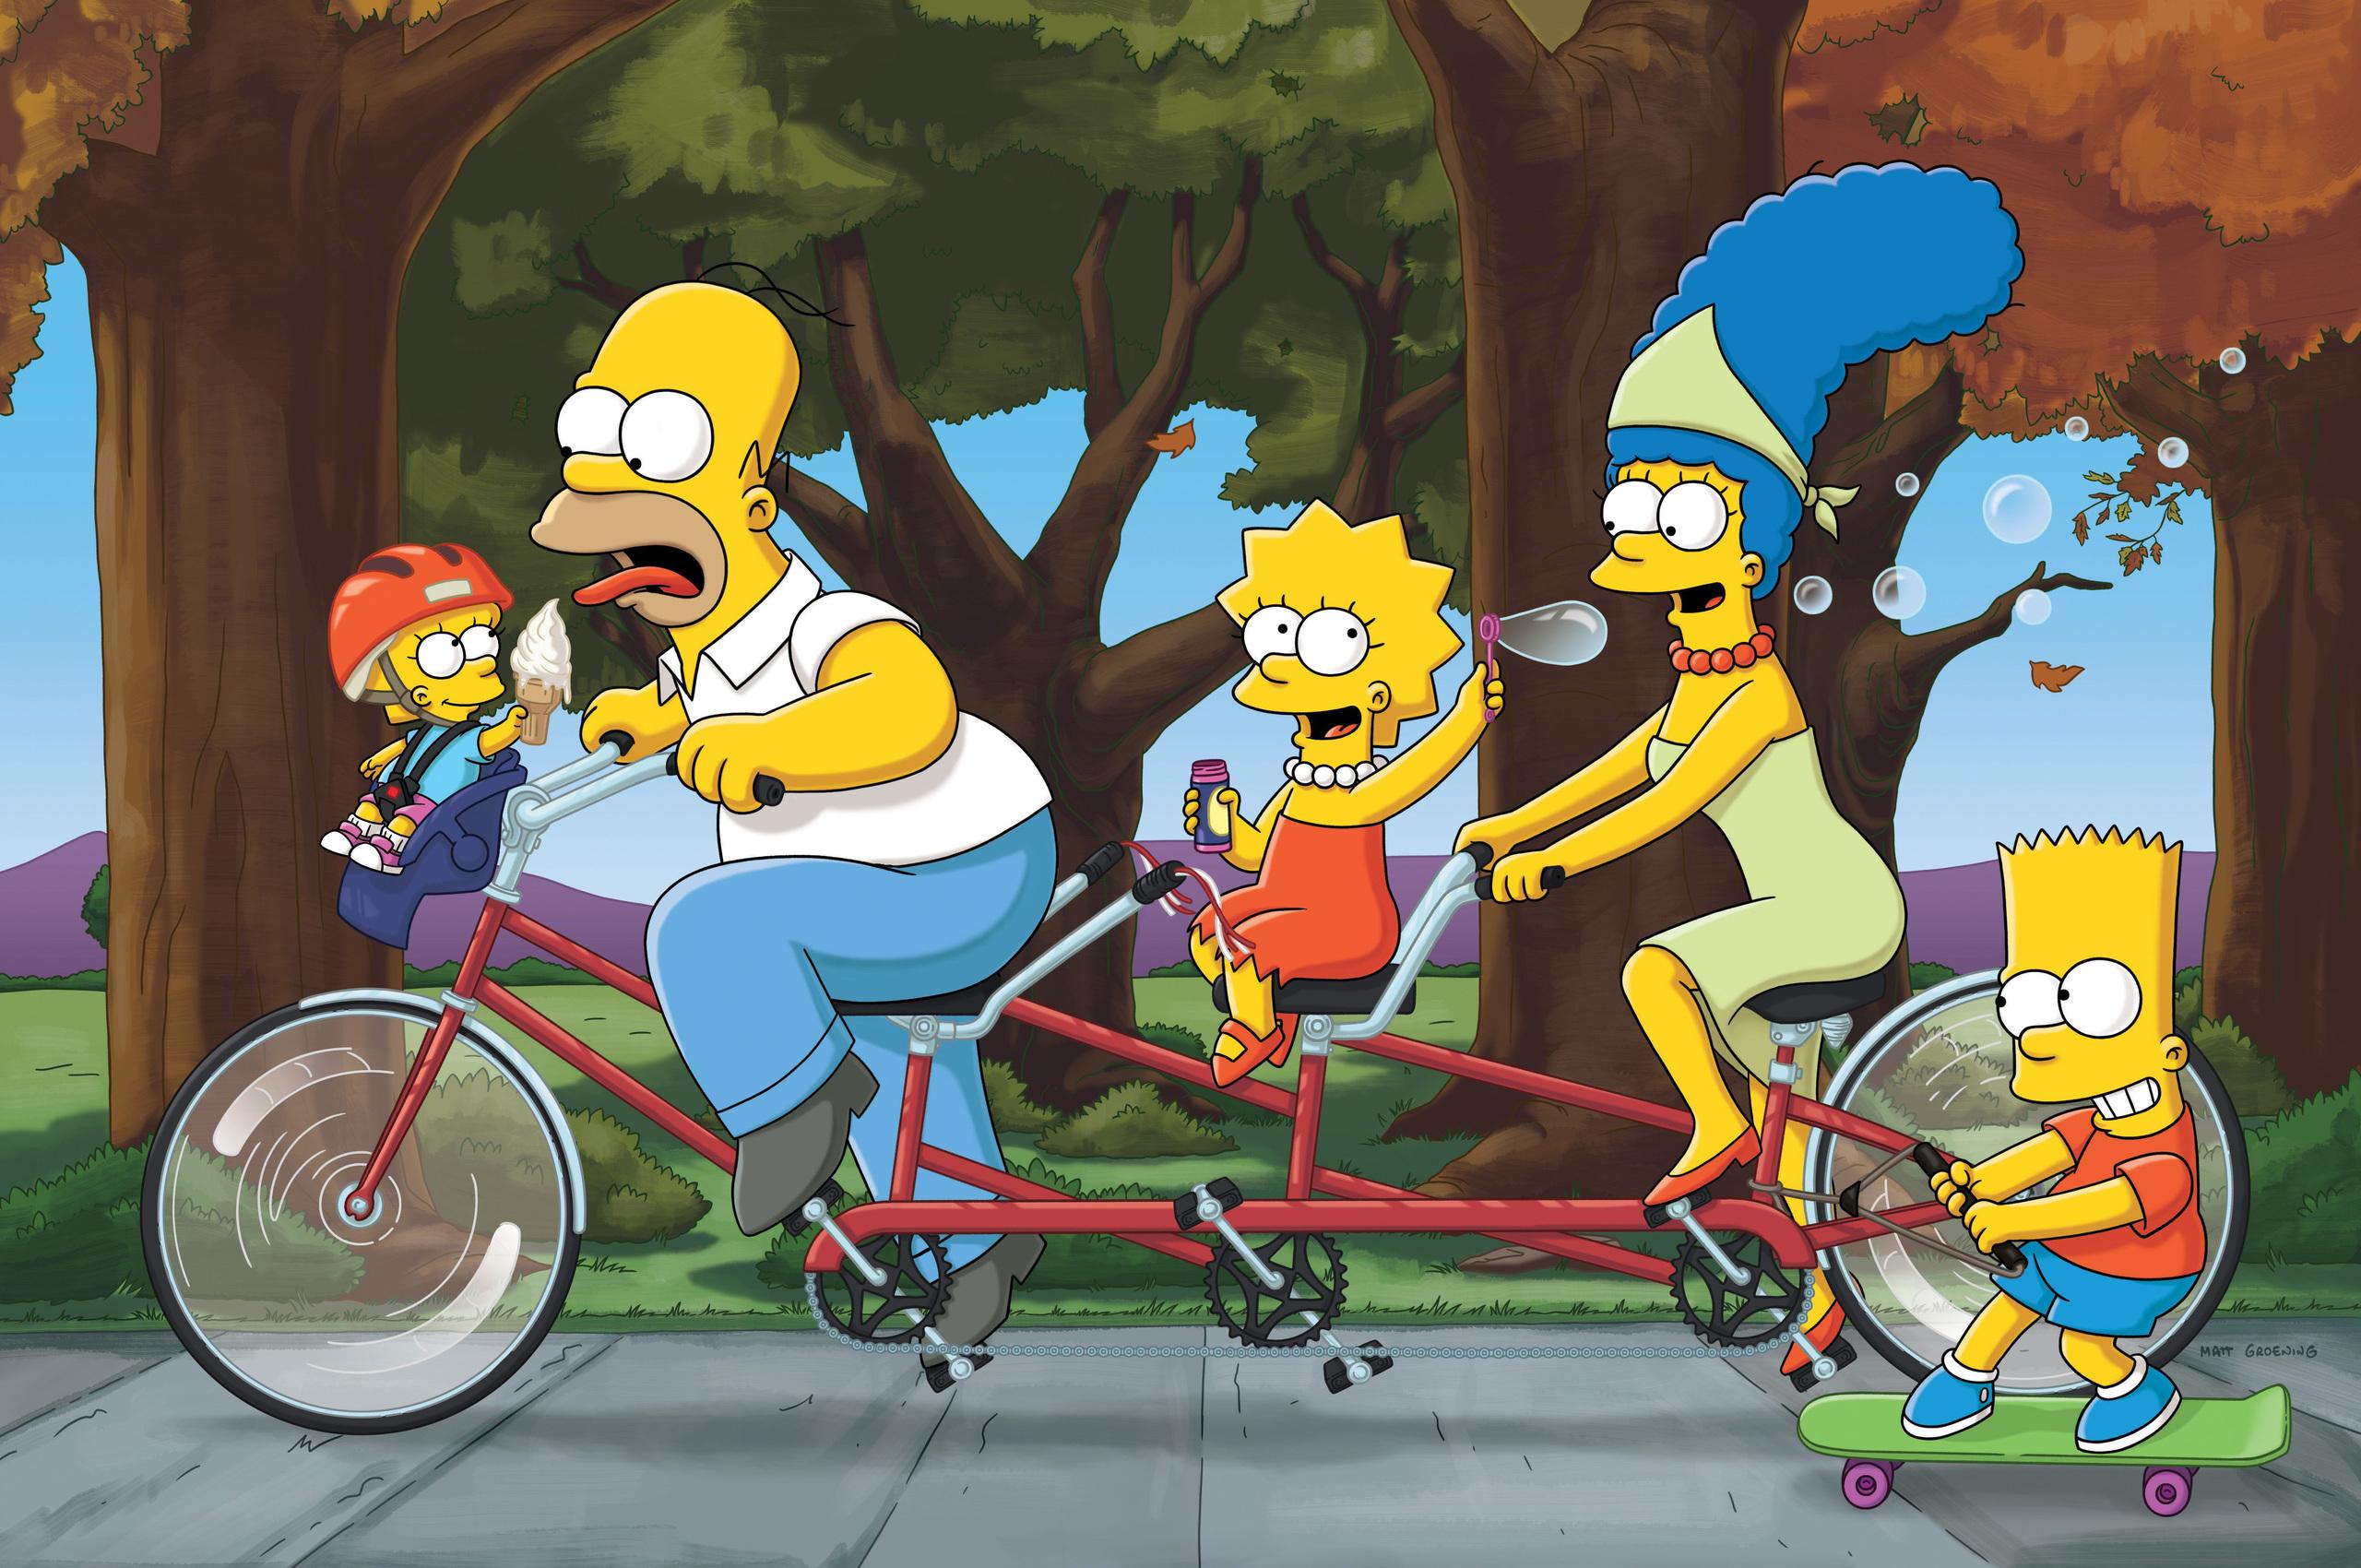 2560x1700 Homer Marge Bart Lisa The Simpsons Family 4k 5k